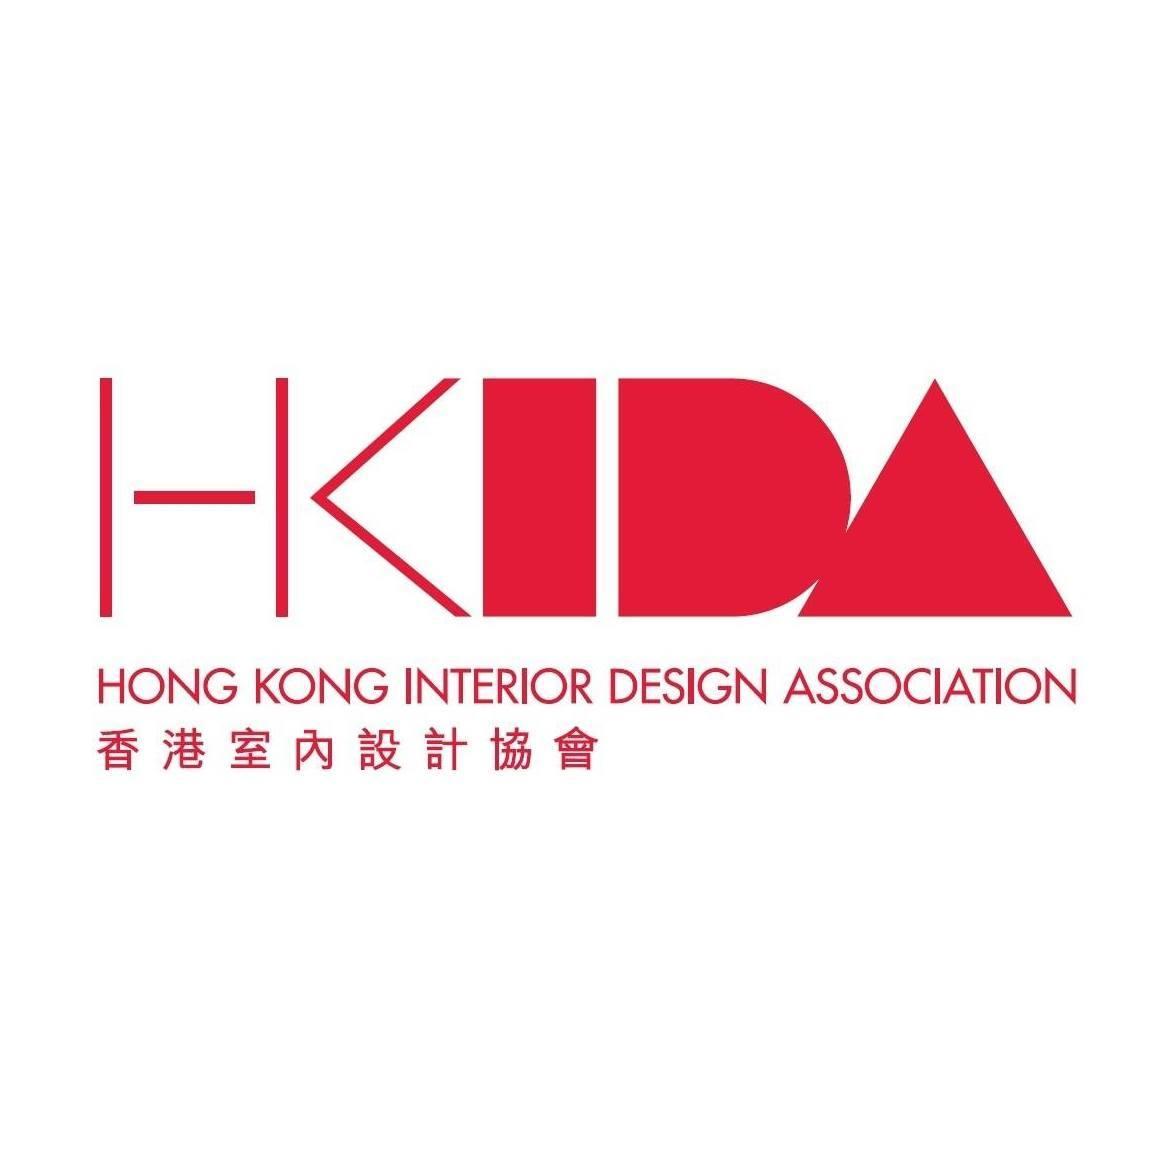 HKIDA Hong Kong Interior Design Association香港室內設計協會